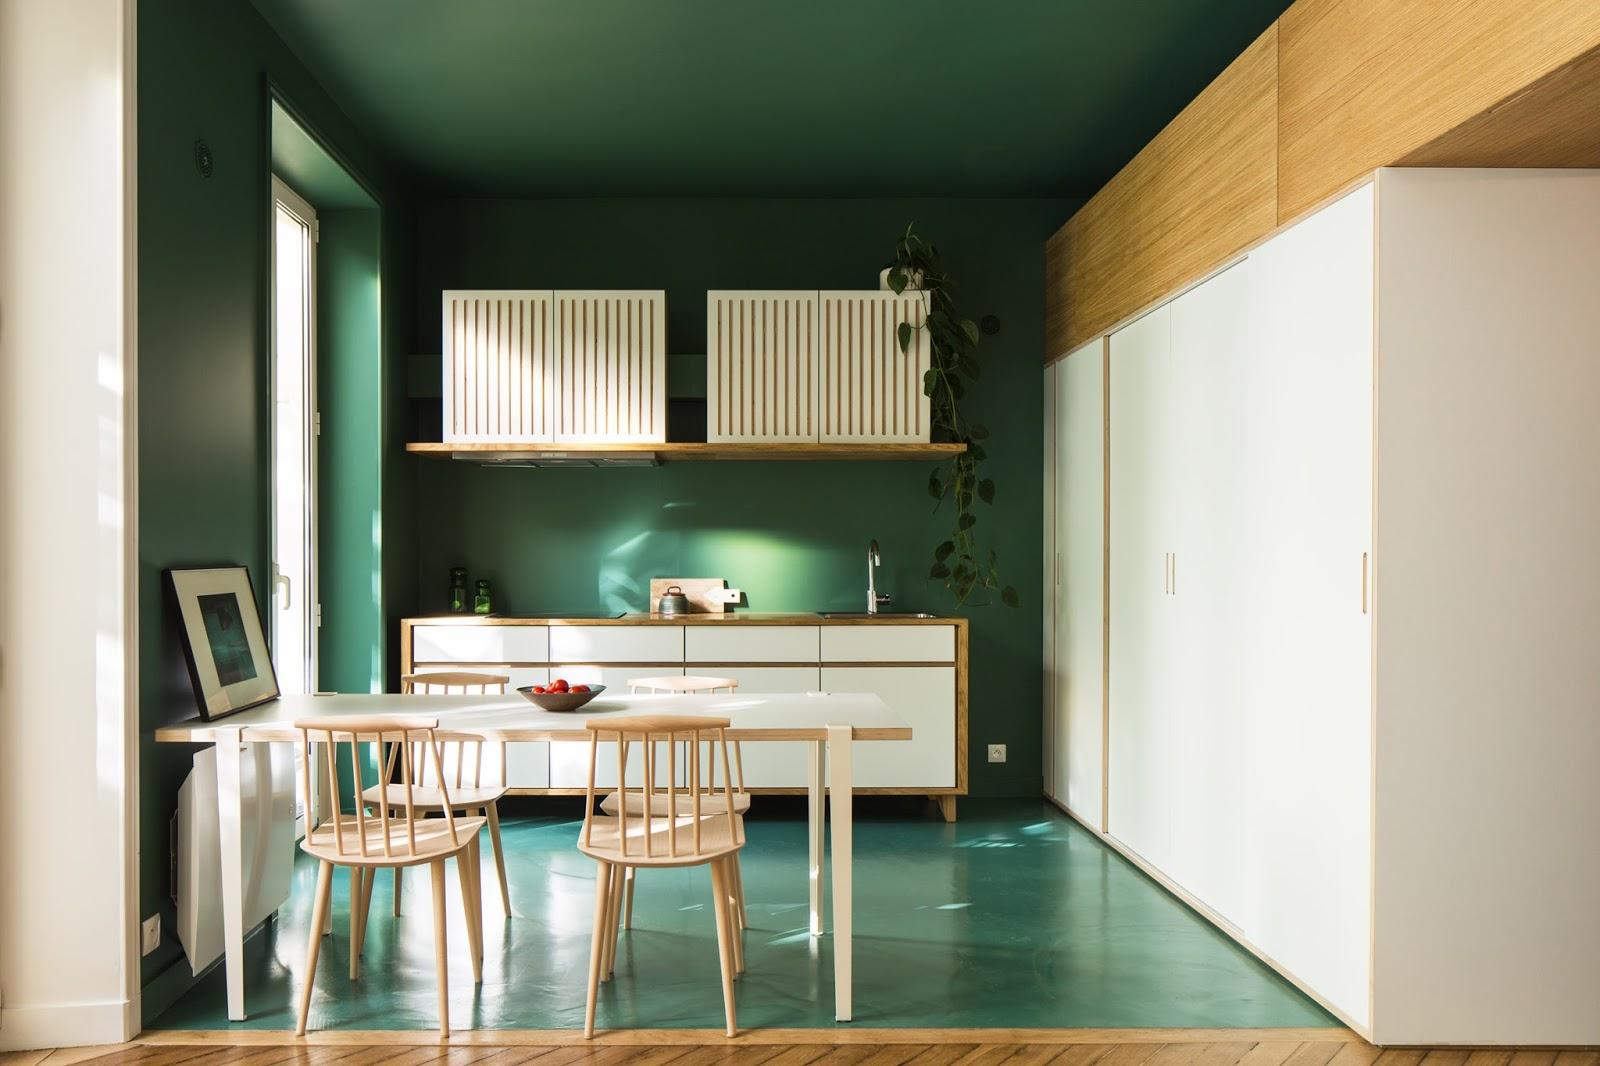 Cucina Bianca Pareti Verdi | 5 Modi Per Usare Il Verde Come Colore D ...